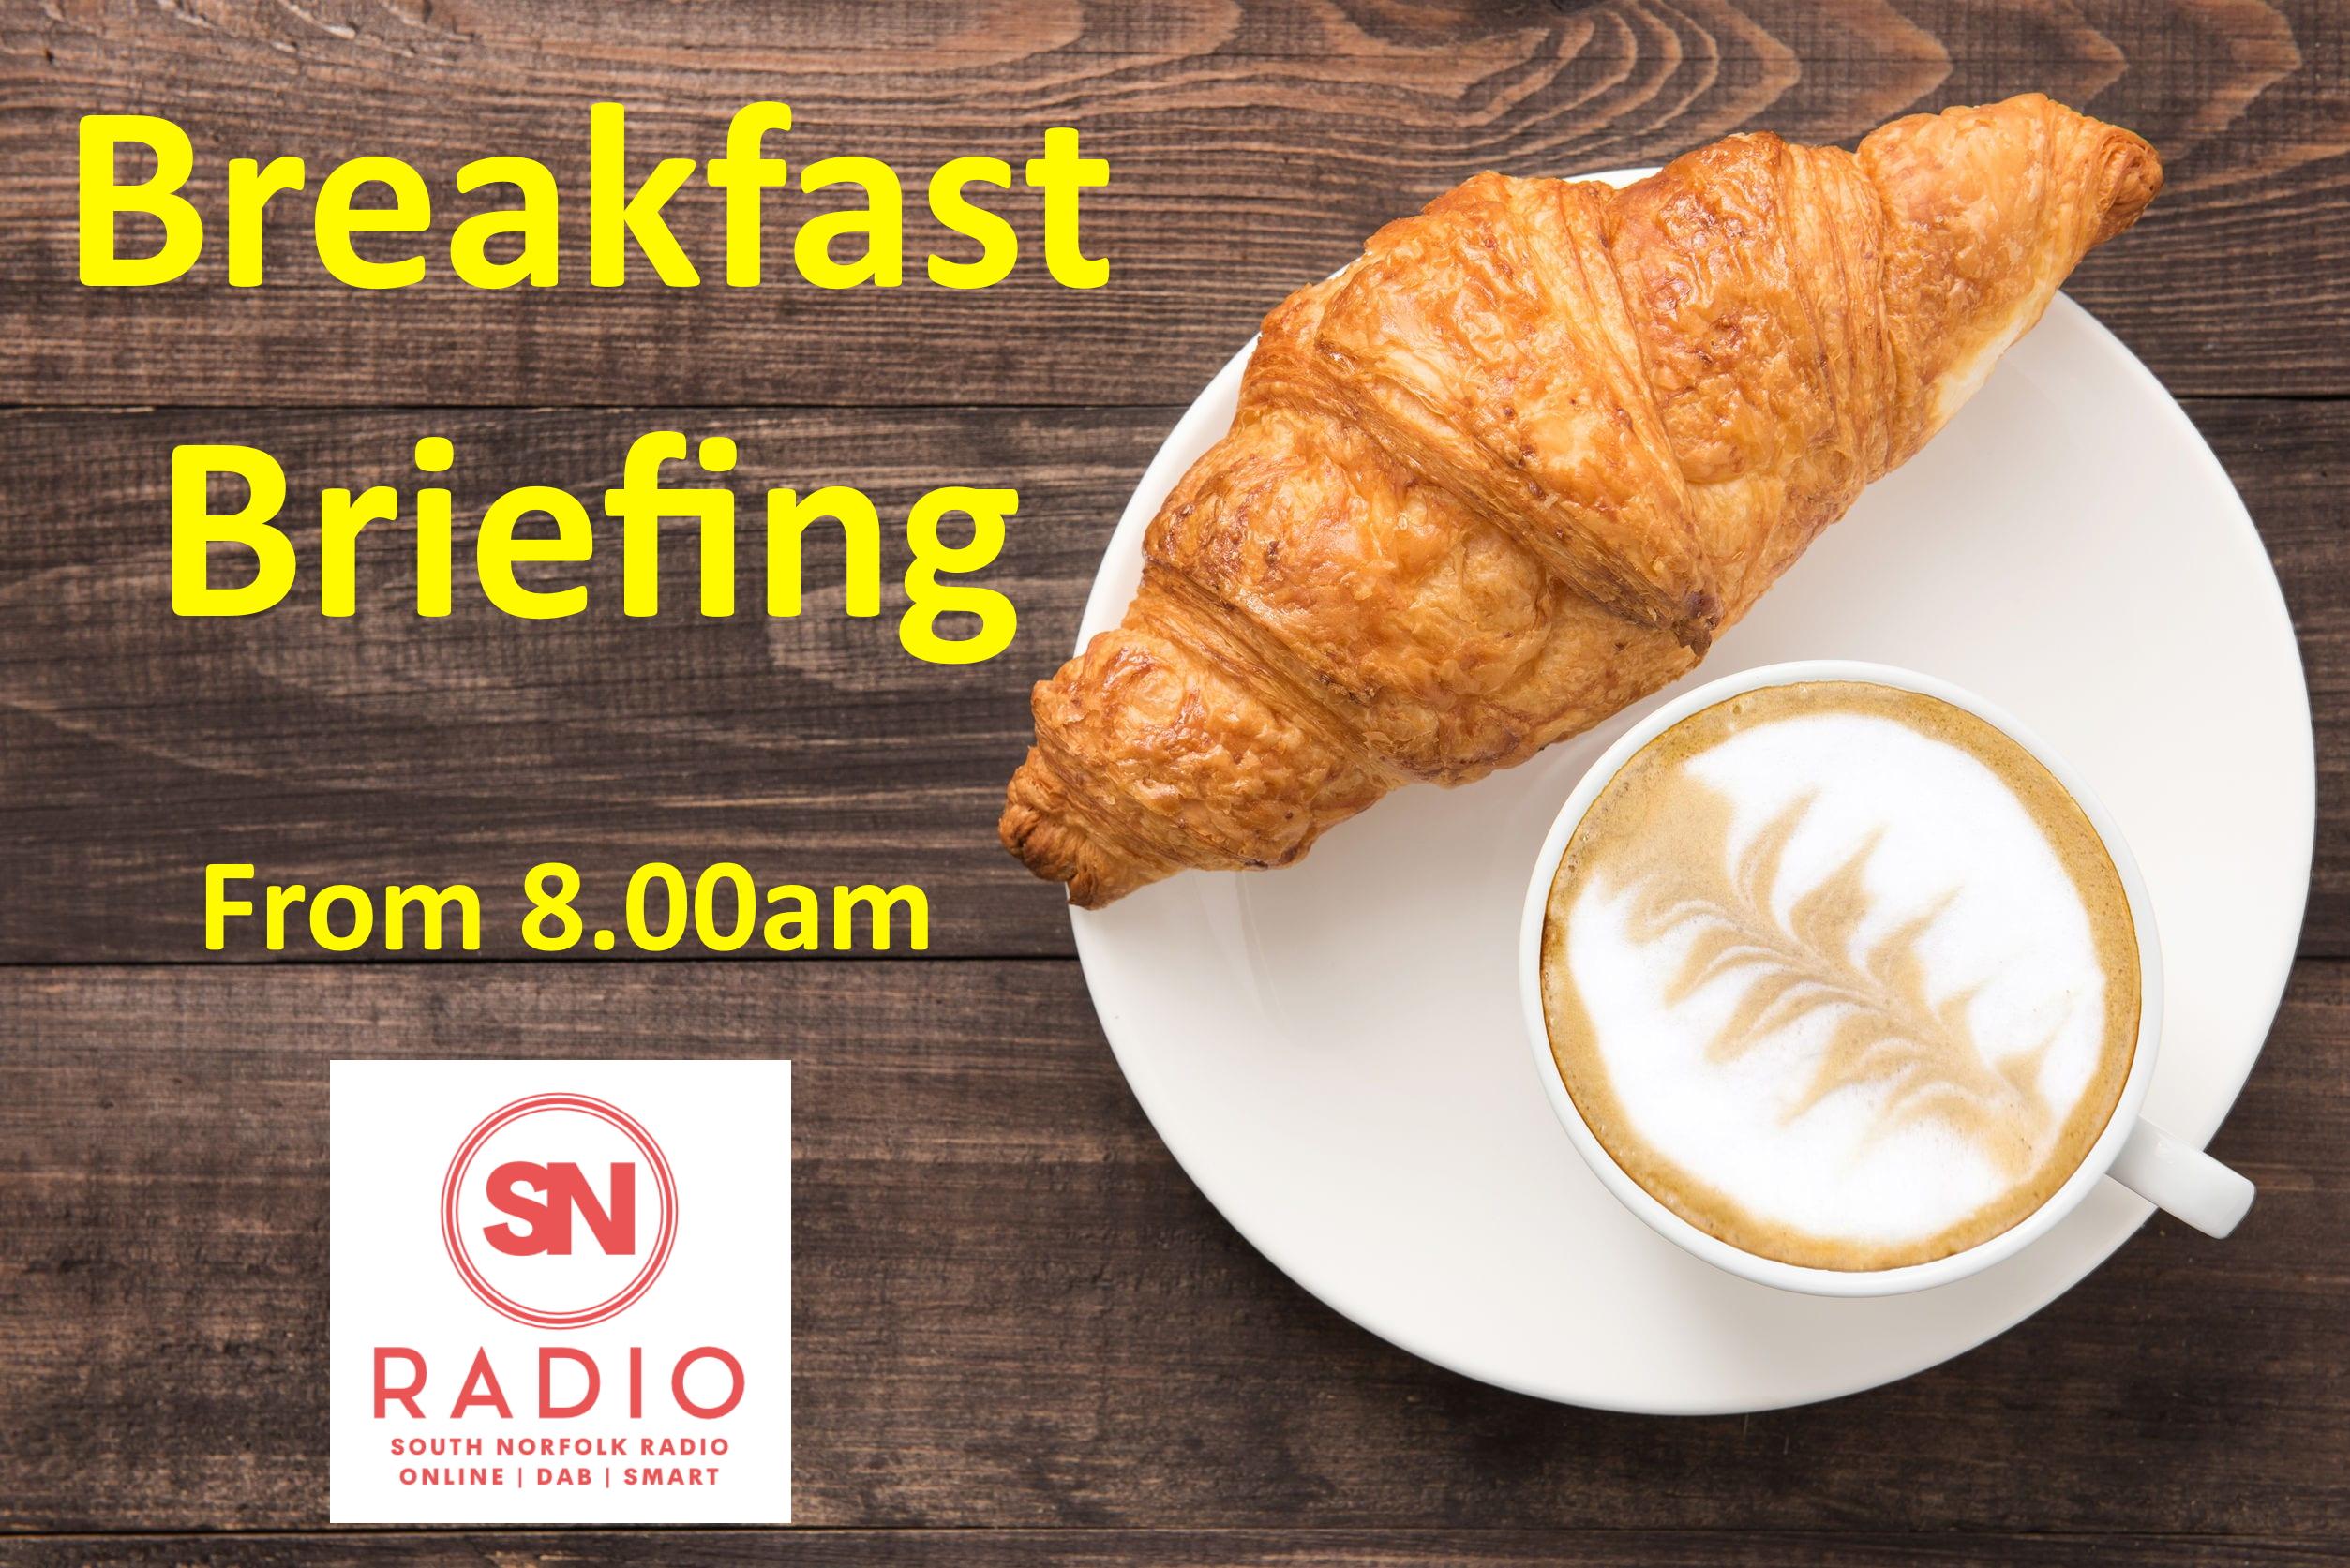 #Breakfast Briefing